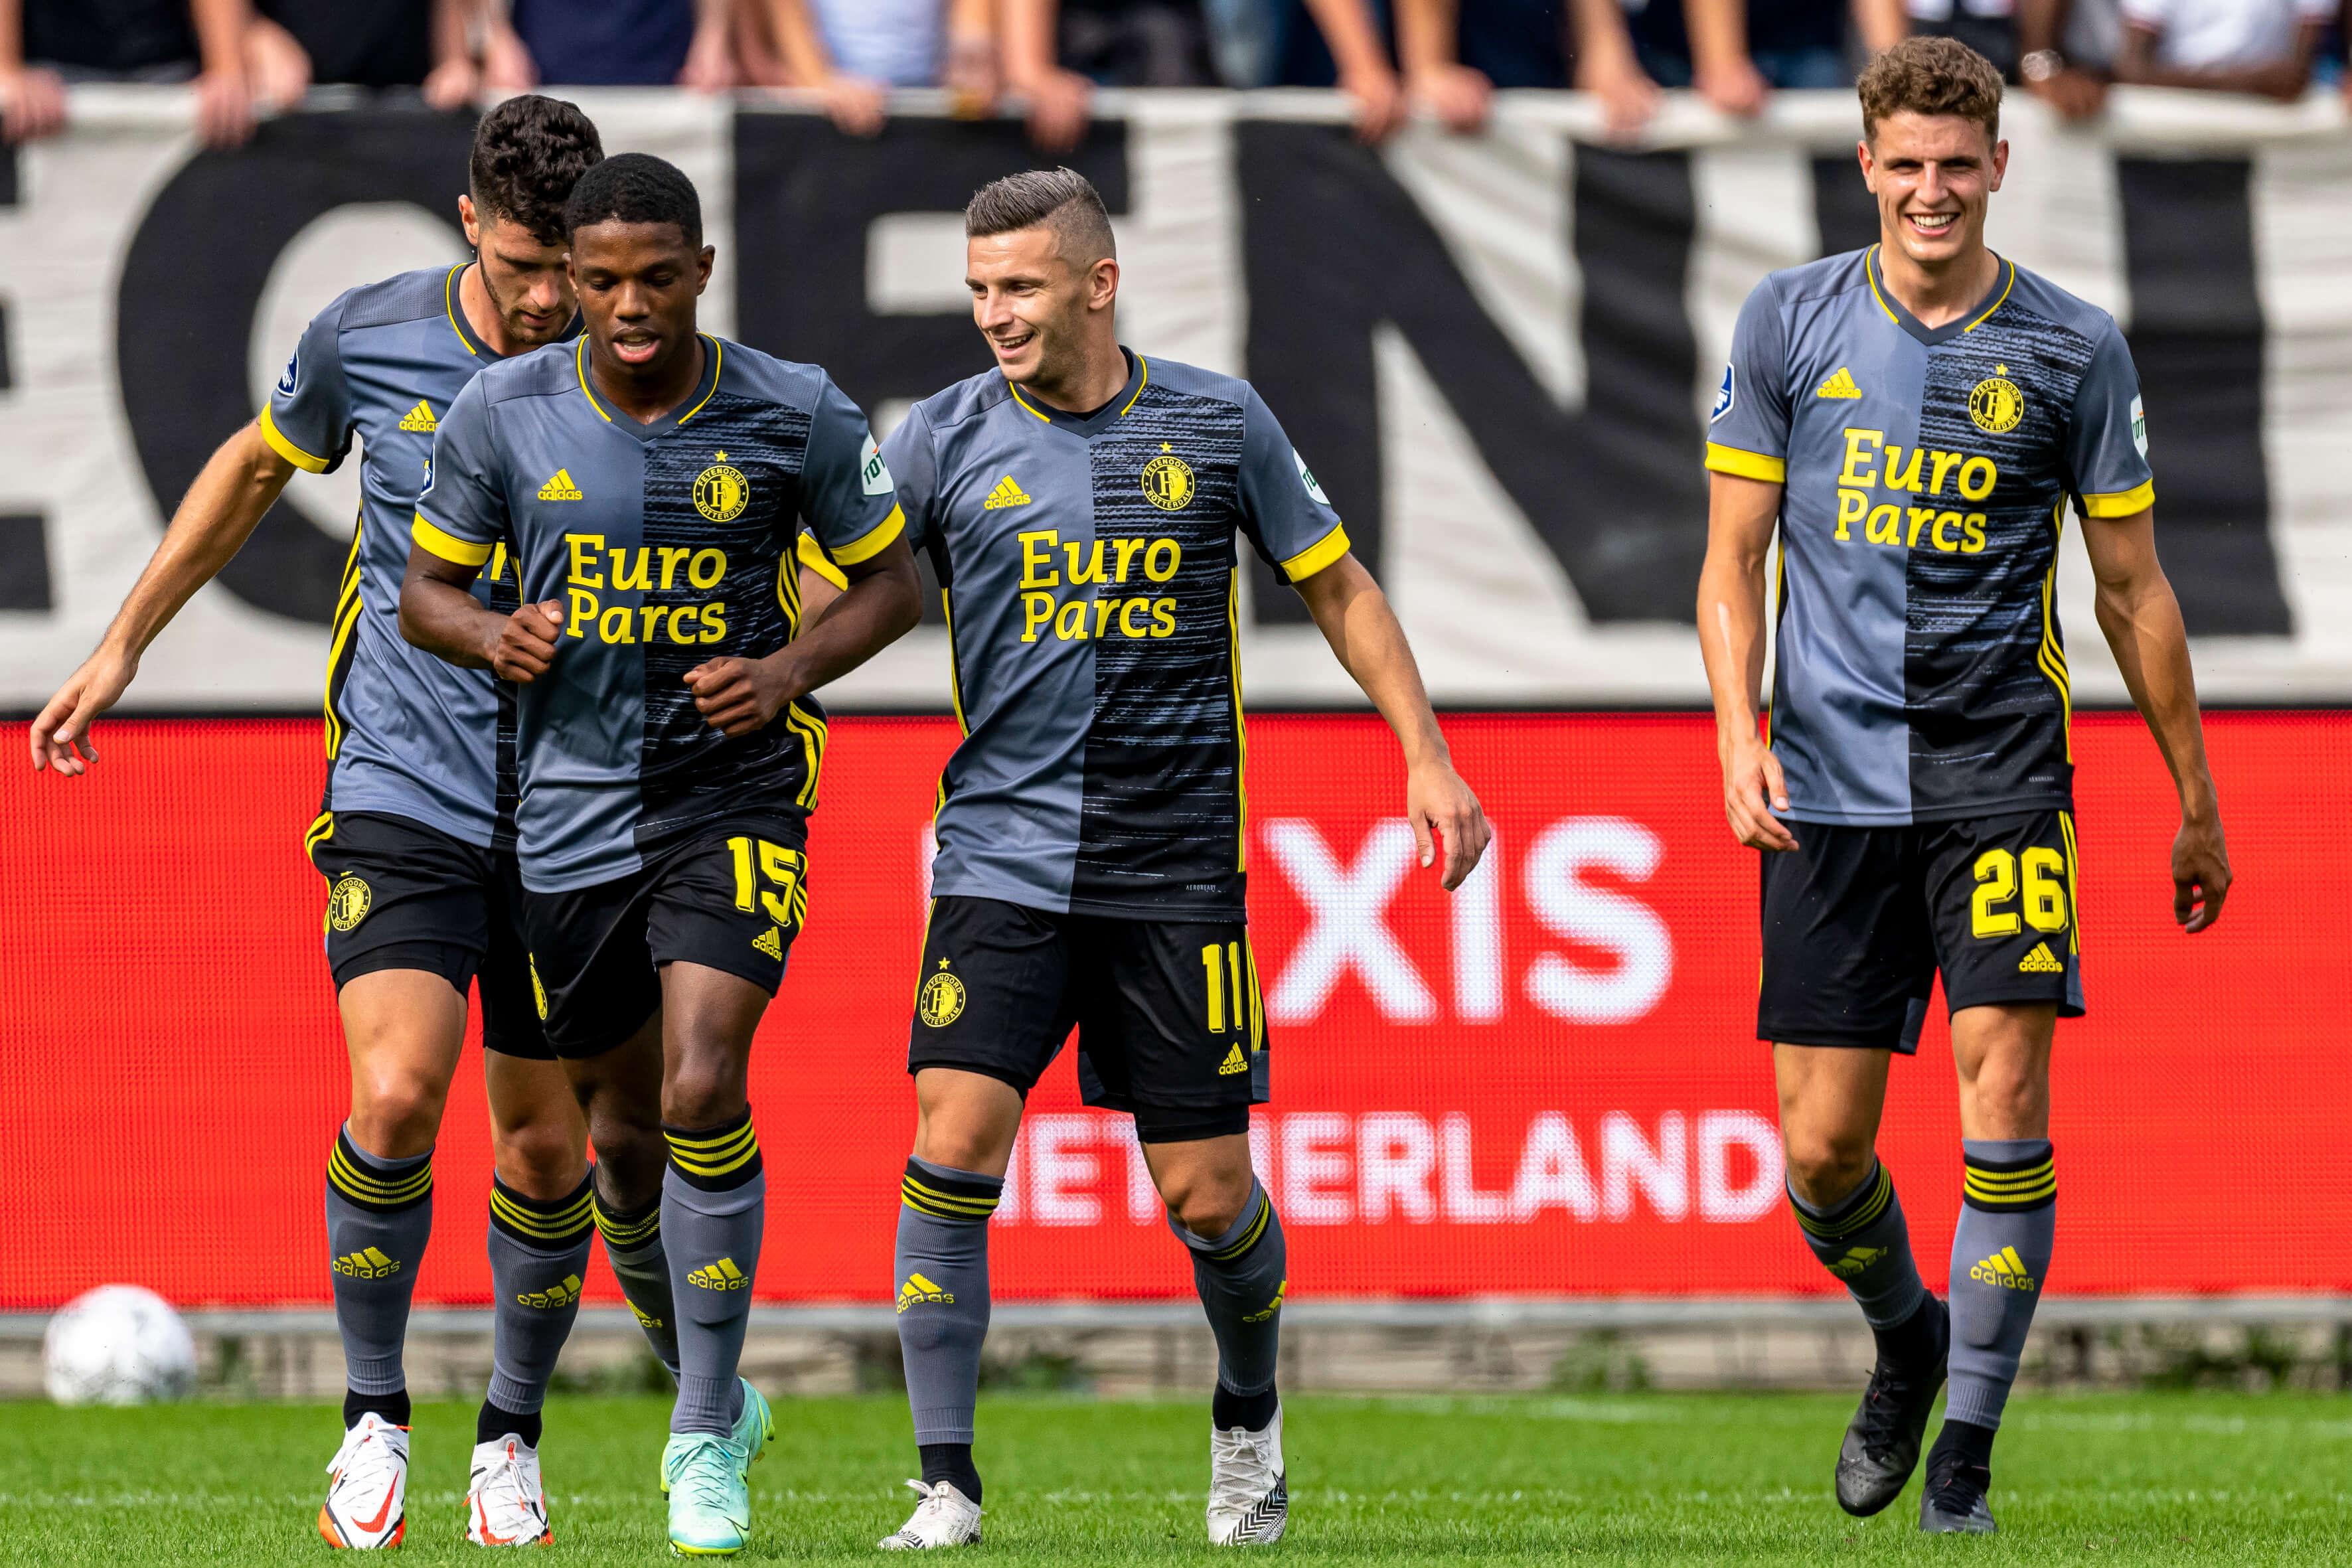 Energiek Feyenoord eenvoudig langs Willem II in openingswedstrijd; image source: Pro Shots